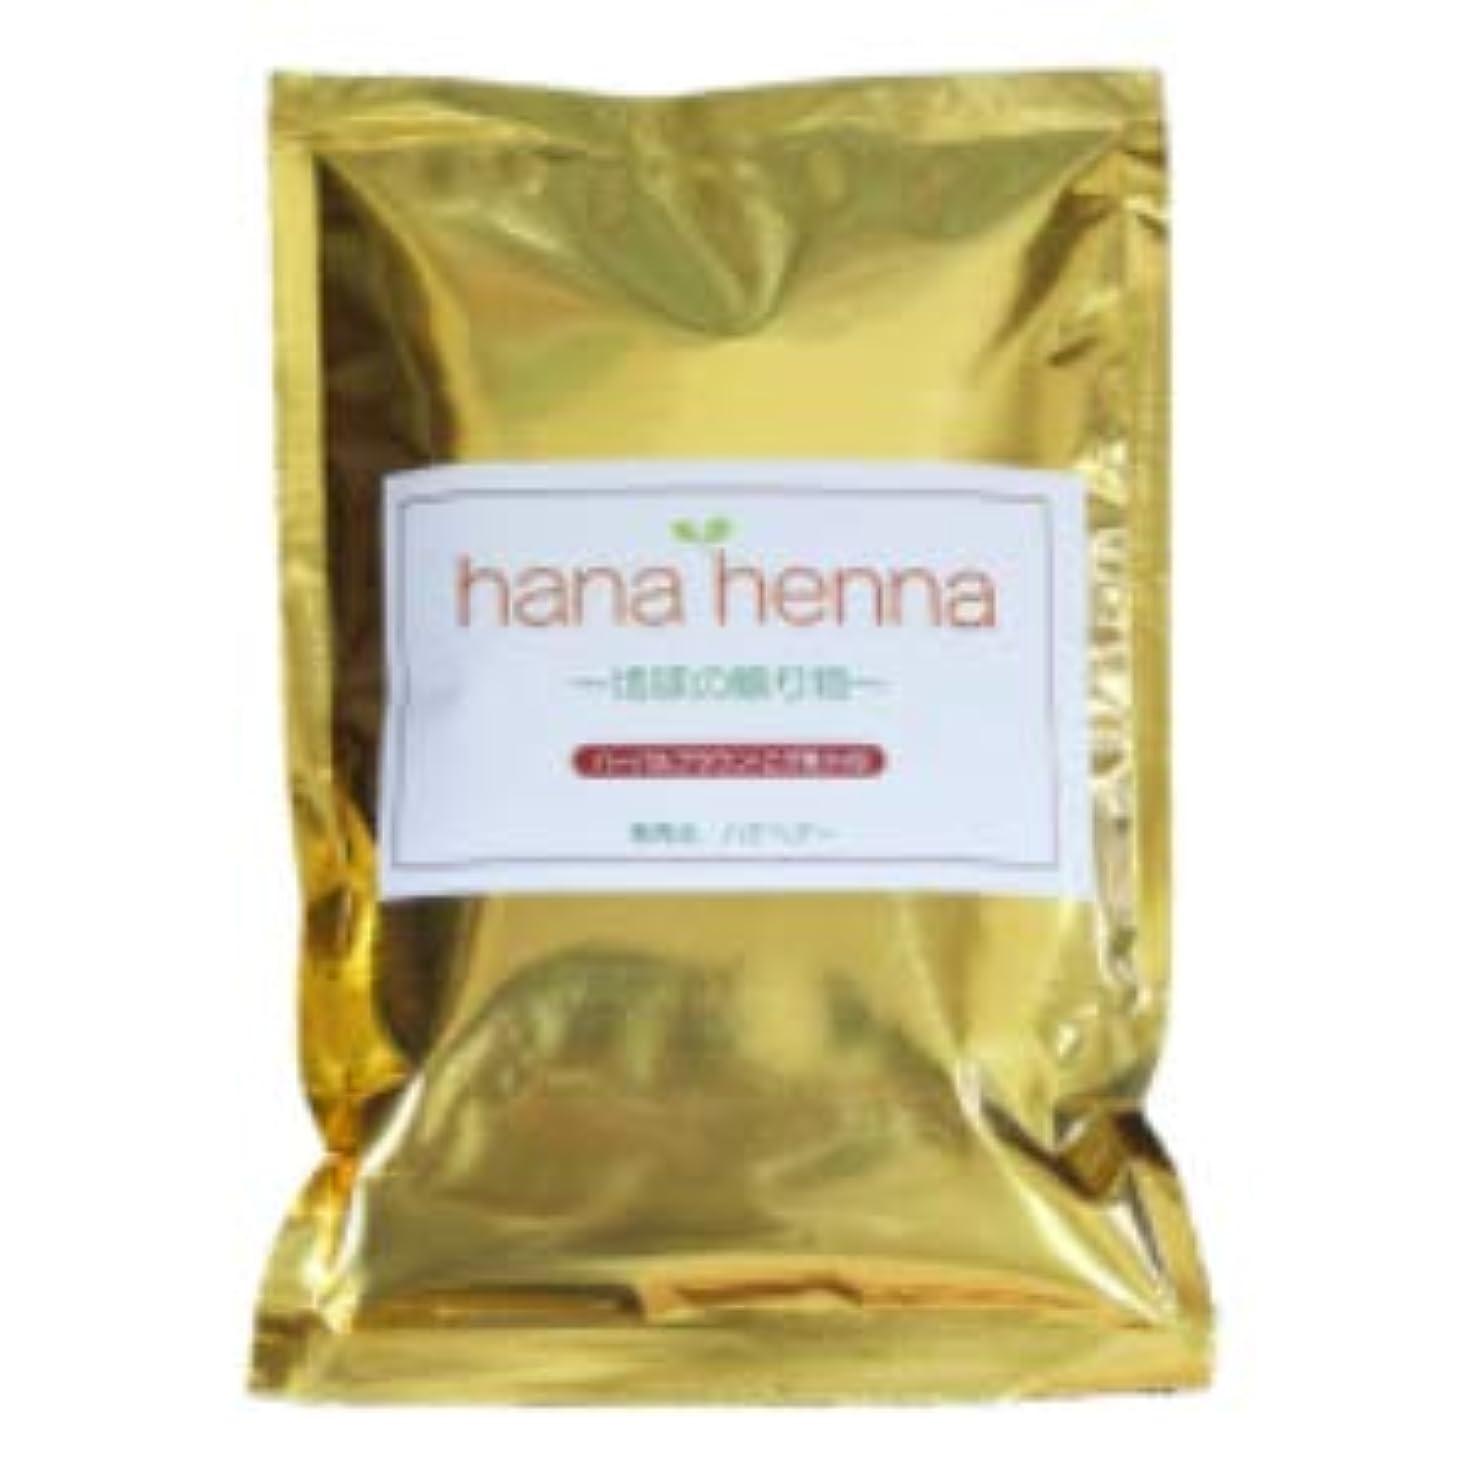 ファッション兵器庫前置詞?hana henna?ハナヘナ ハーバルブラウン(こげ茶) (100g)